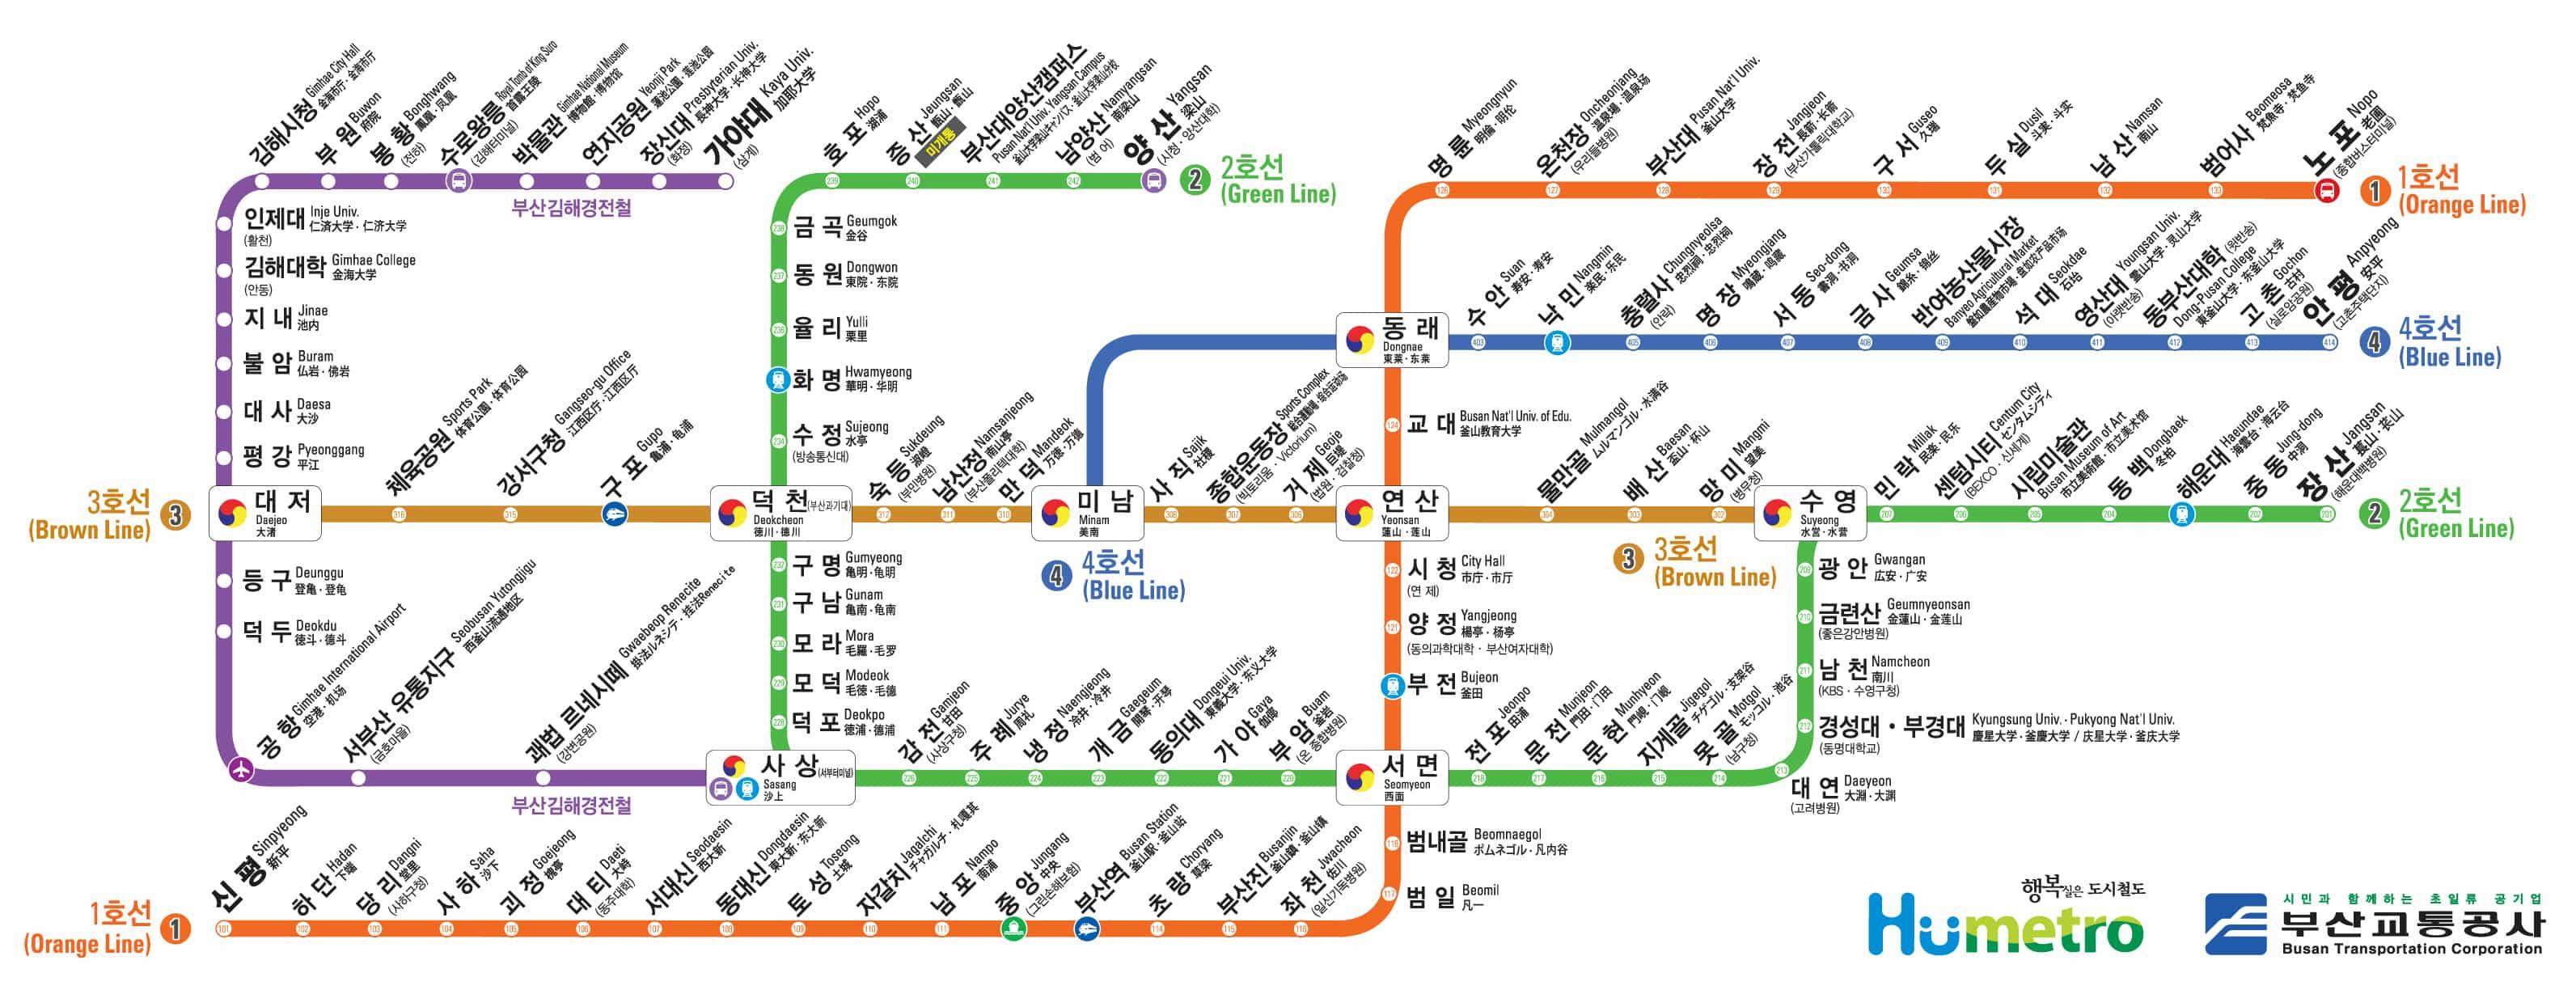 釜山地鐵圖 中文、英文、韓文)